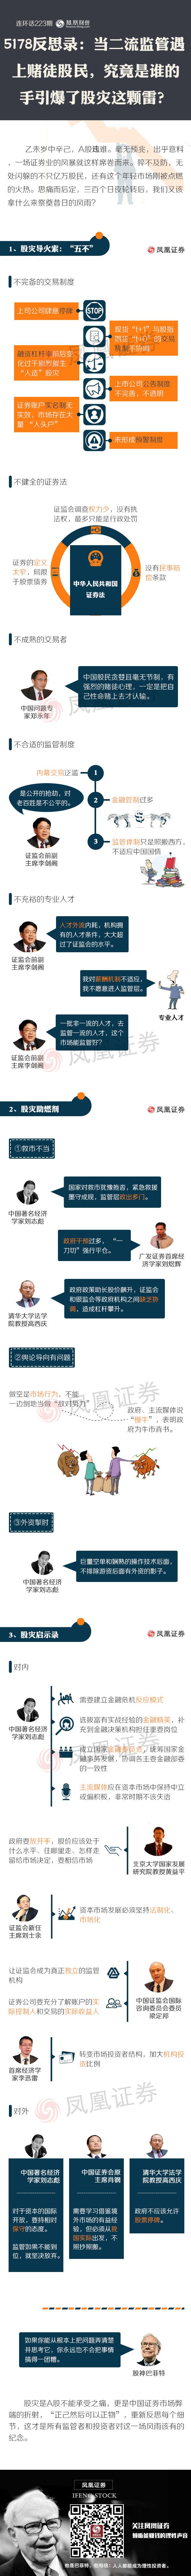 5178中国特大股灾启示录 - 田园 - 田园的博客